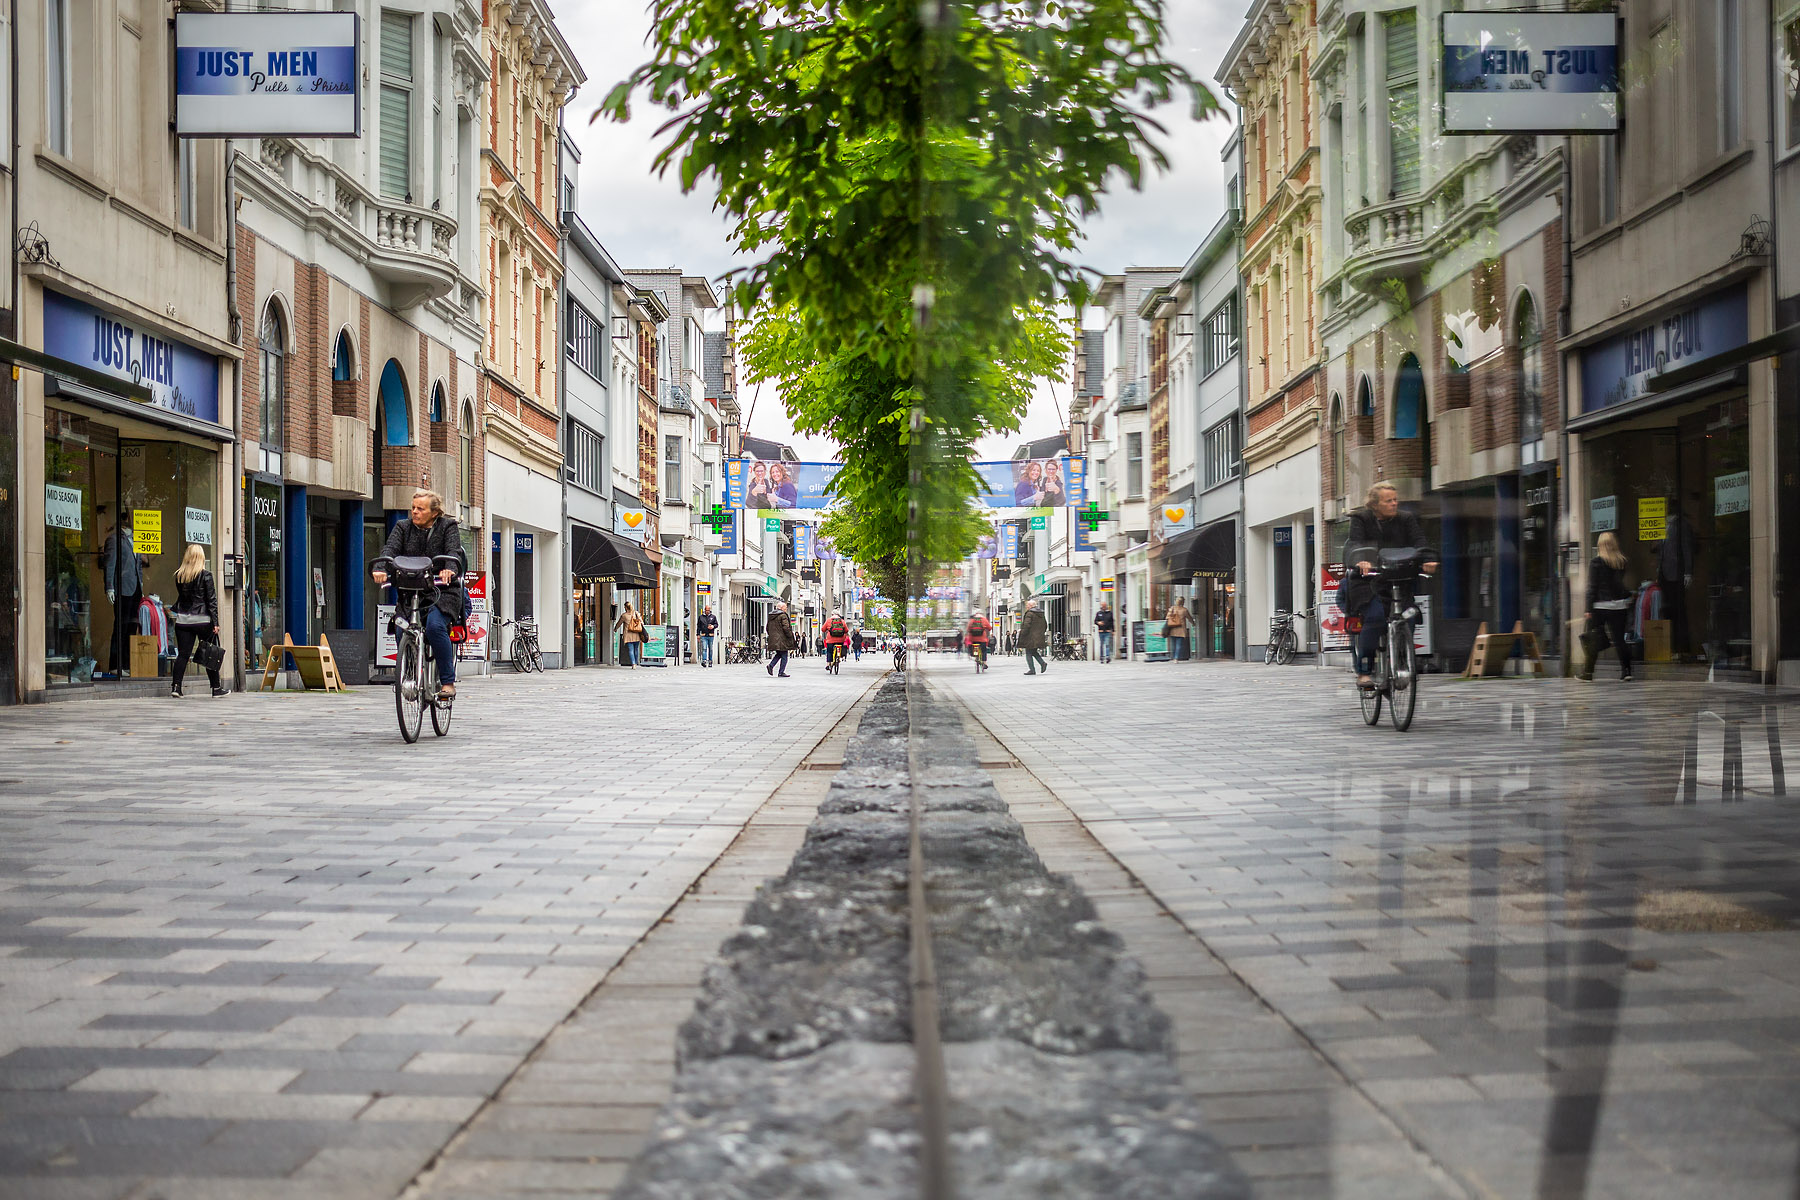 glenn vanderbeke, landschapsfotografie, landschapsfotograaf, foto uitstap, foto dagtrip, fotografische dagtrip, west-vlaamse fotografen, west-vlaamse fotograaf, Foto uitstap, Vlaanderen, Oost-Vlaanderen, Sint-Niklaas, wat te doen Sint-Niklaas, wat te zien Sint-Niklaas, fotografie Sint-Niklaas, stadsfotografie Sint-Niklaas, stadsfotografie